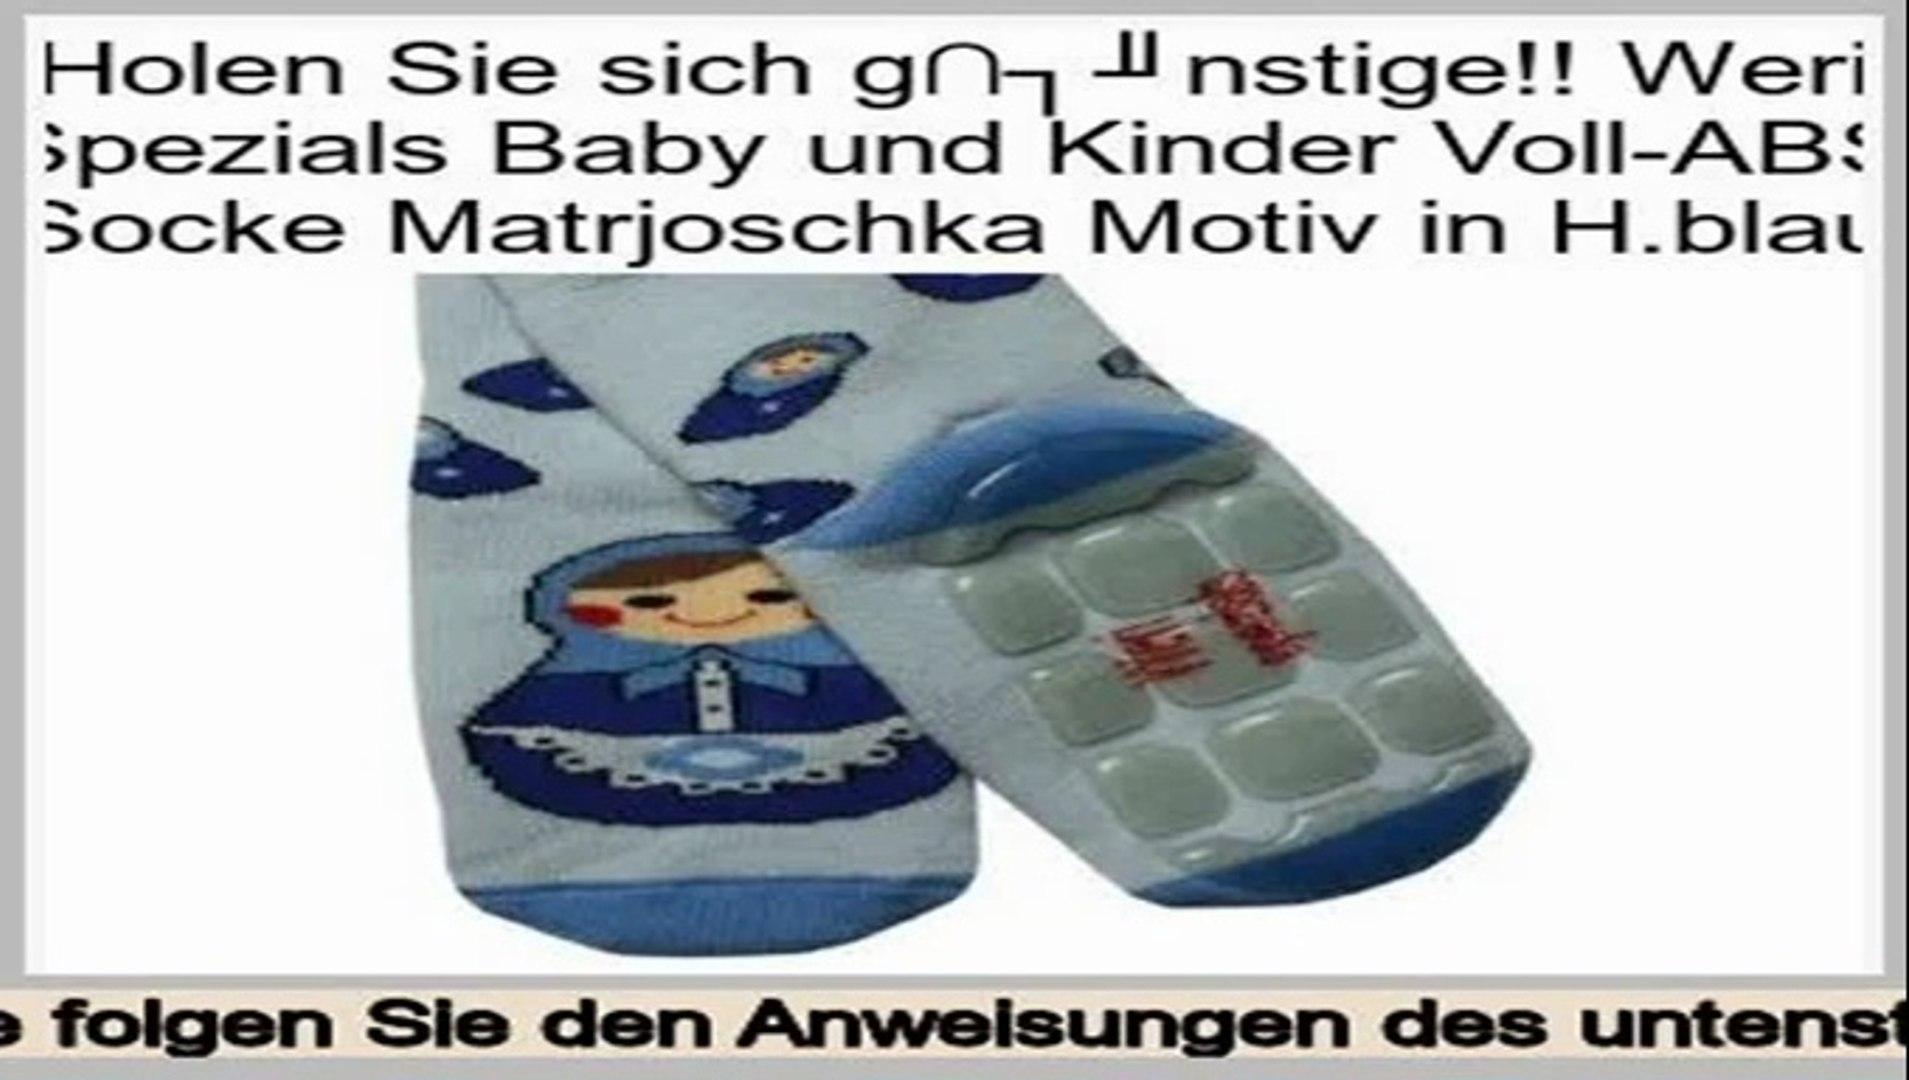 Weri Spezials Baby und Kinder Voll-ABS Socke Chamealeon Motiv in Schwarz